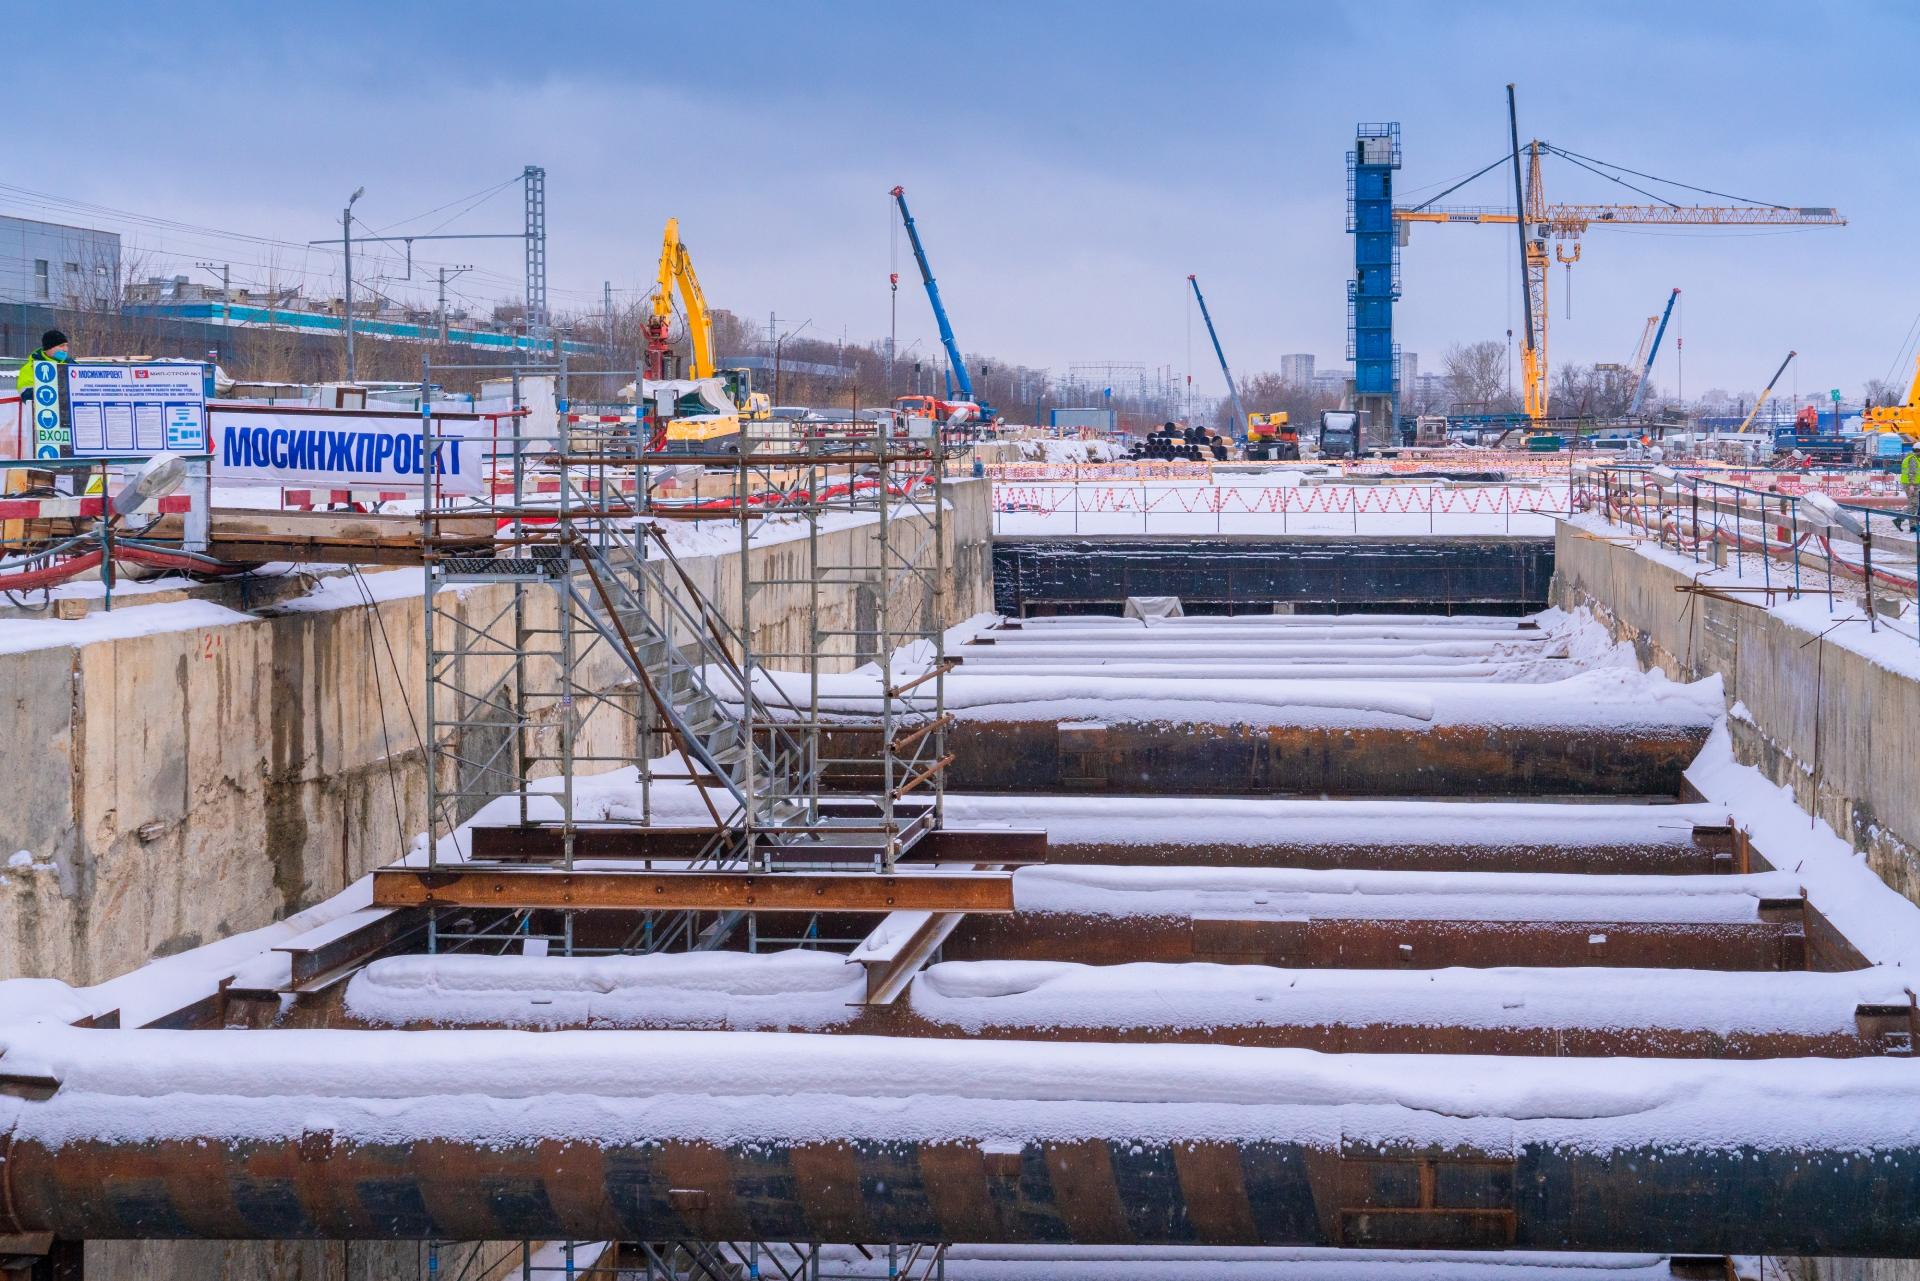 Фото:Стройкомплекс Москвы, АО «Мосинжпроект»